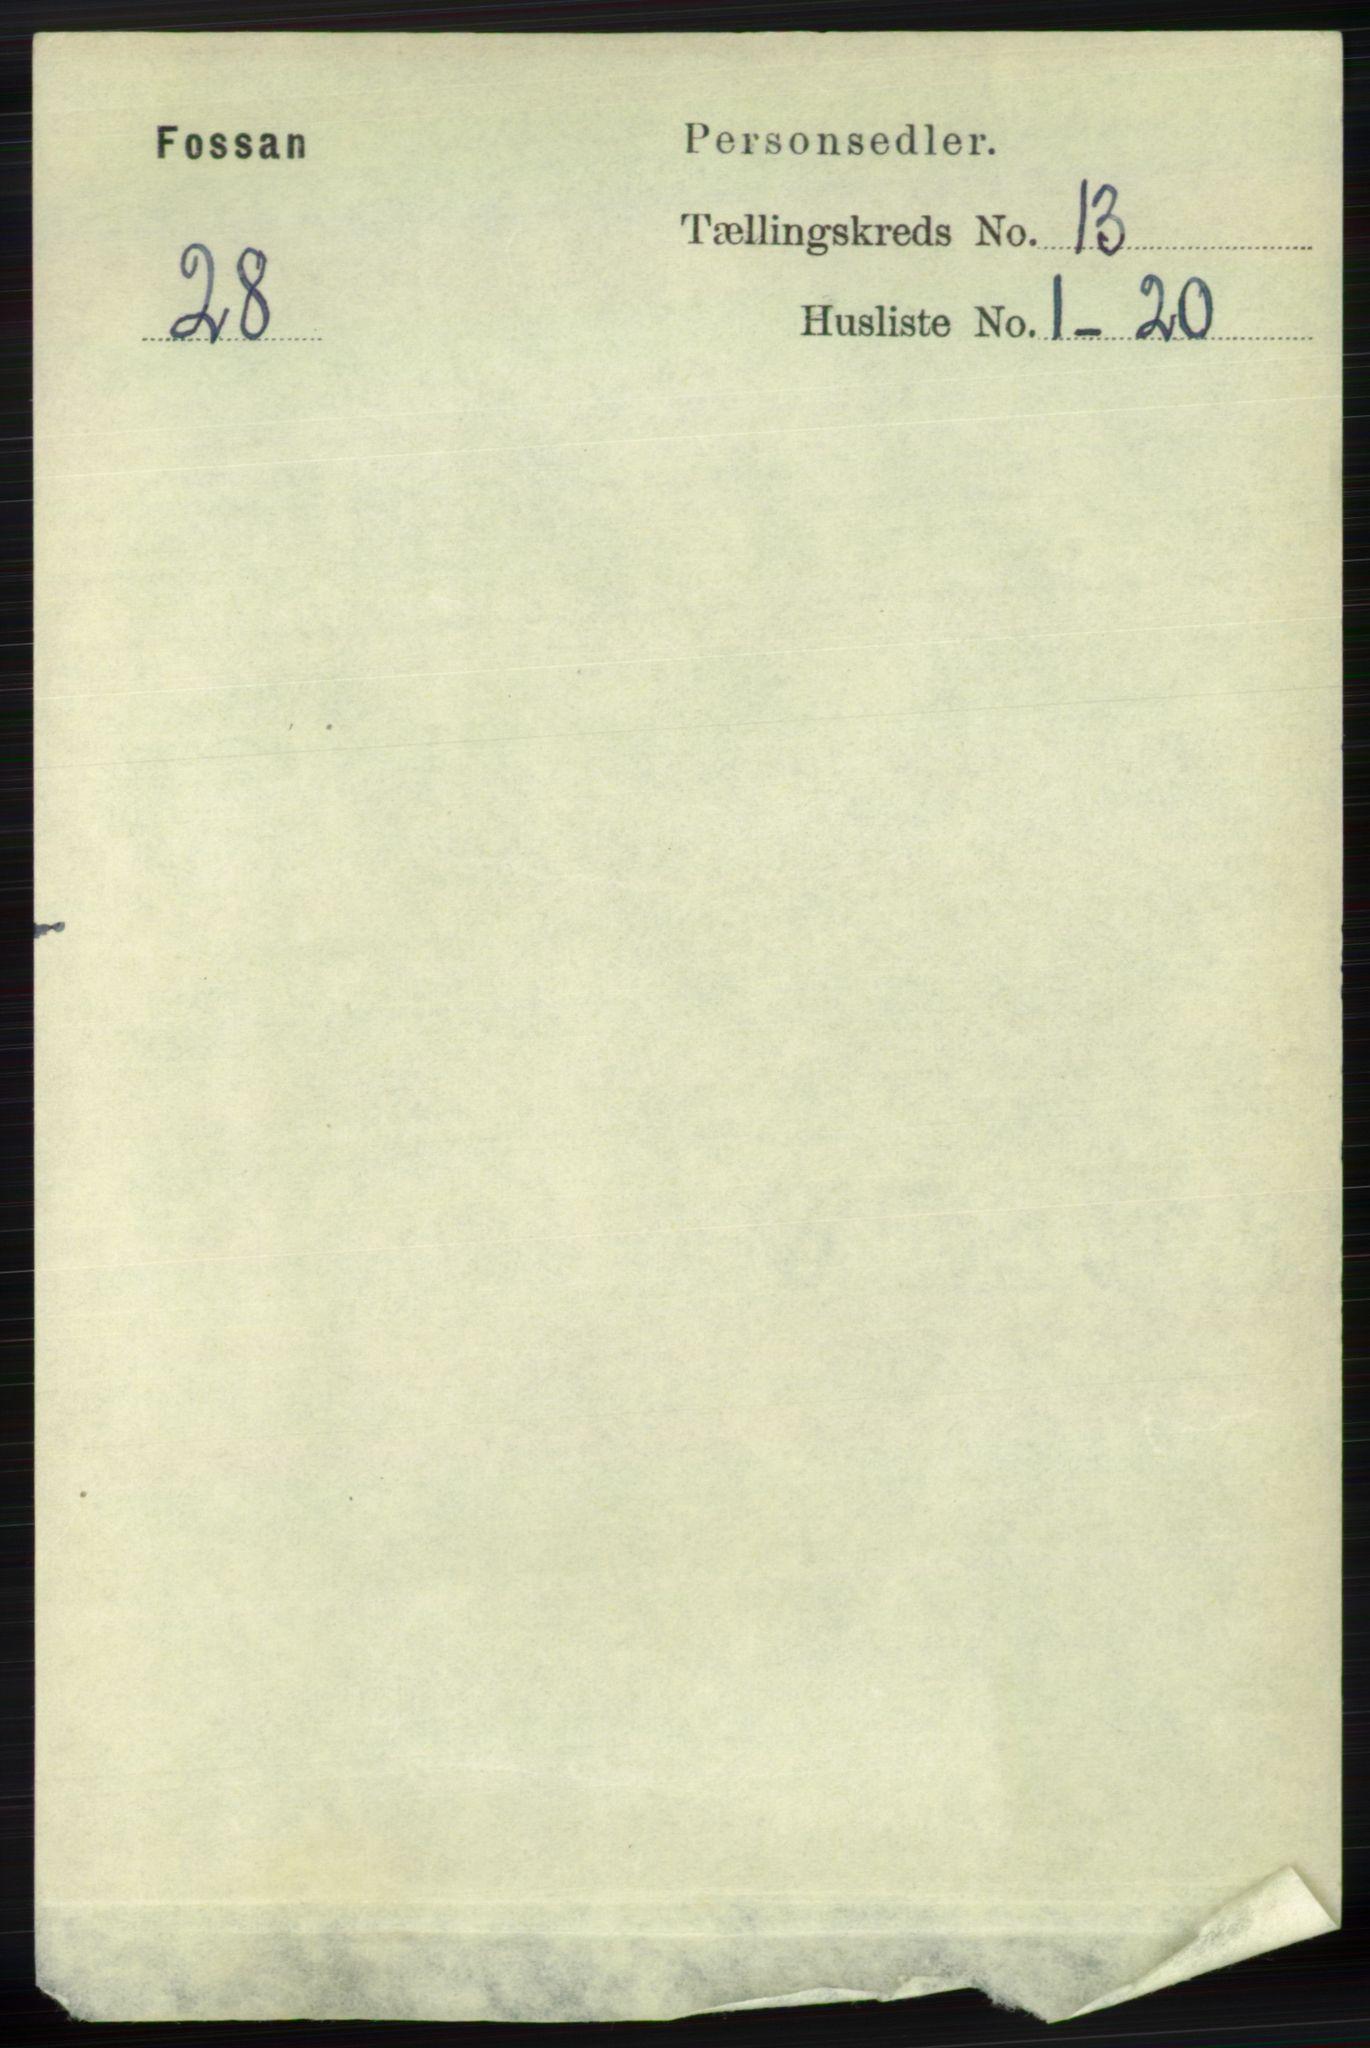 RA, Folketelling 1891 for 1129 Forsand herred, 1891, s. 2046